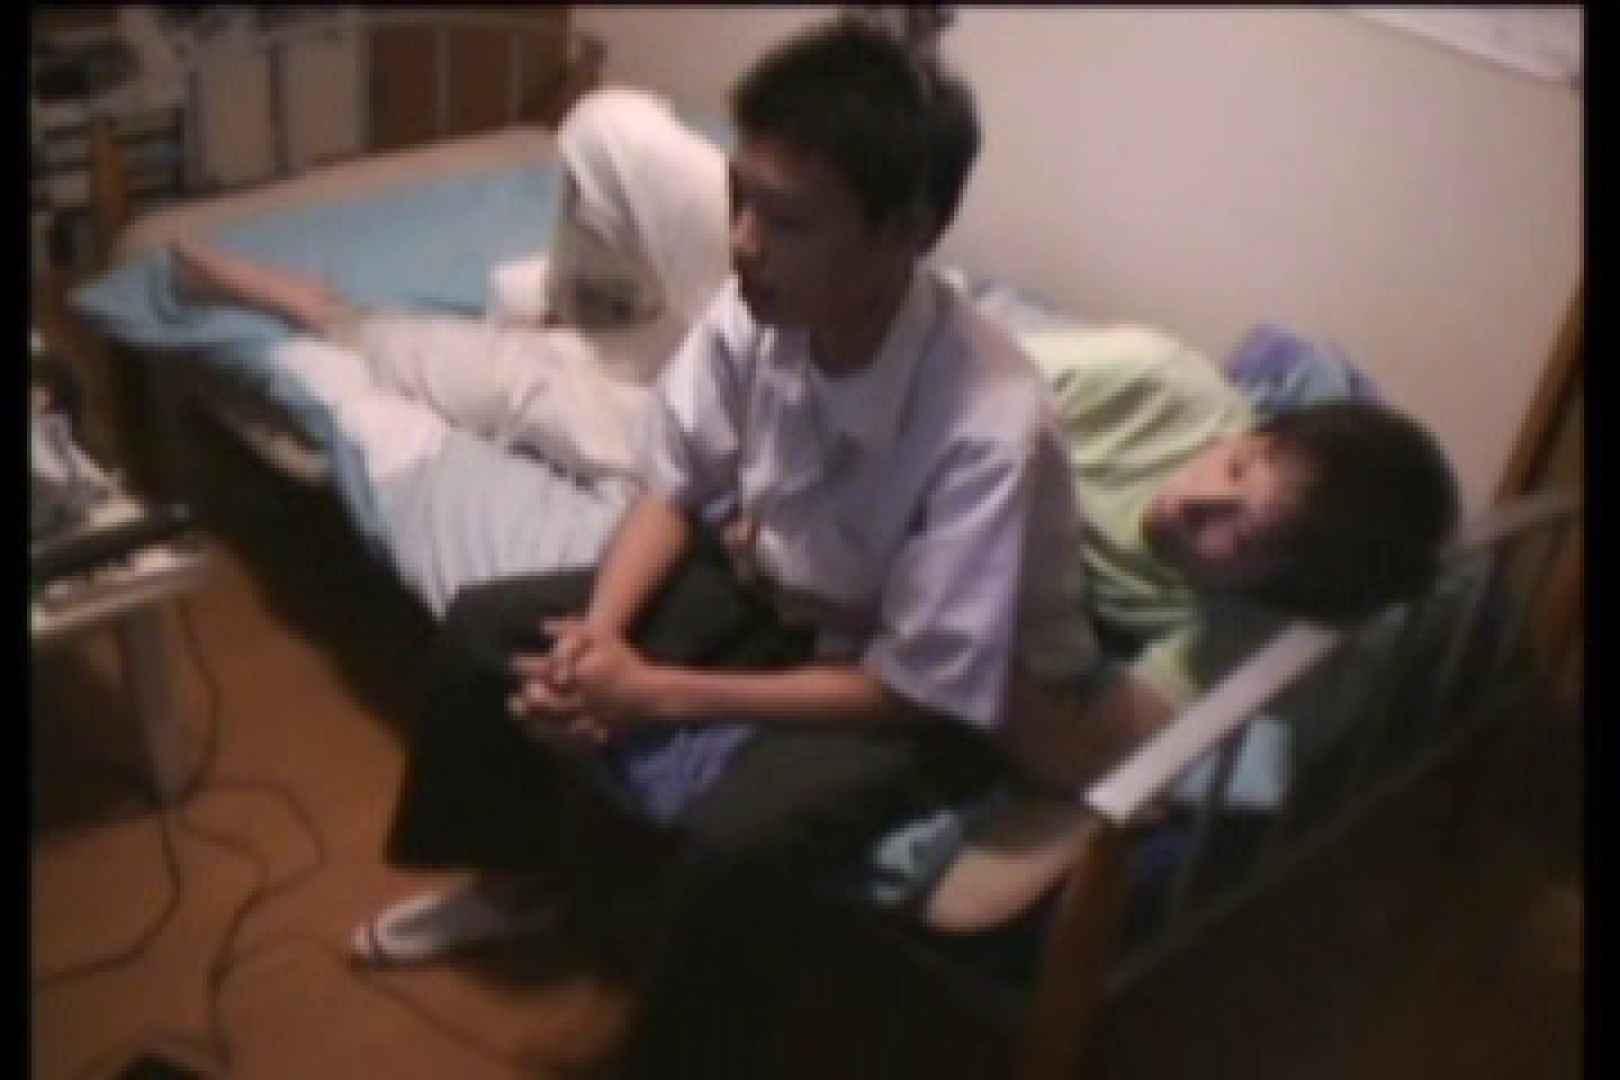 【実録投稿】友達覗撮In my room!! 射精  102pic 30